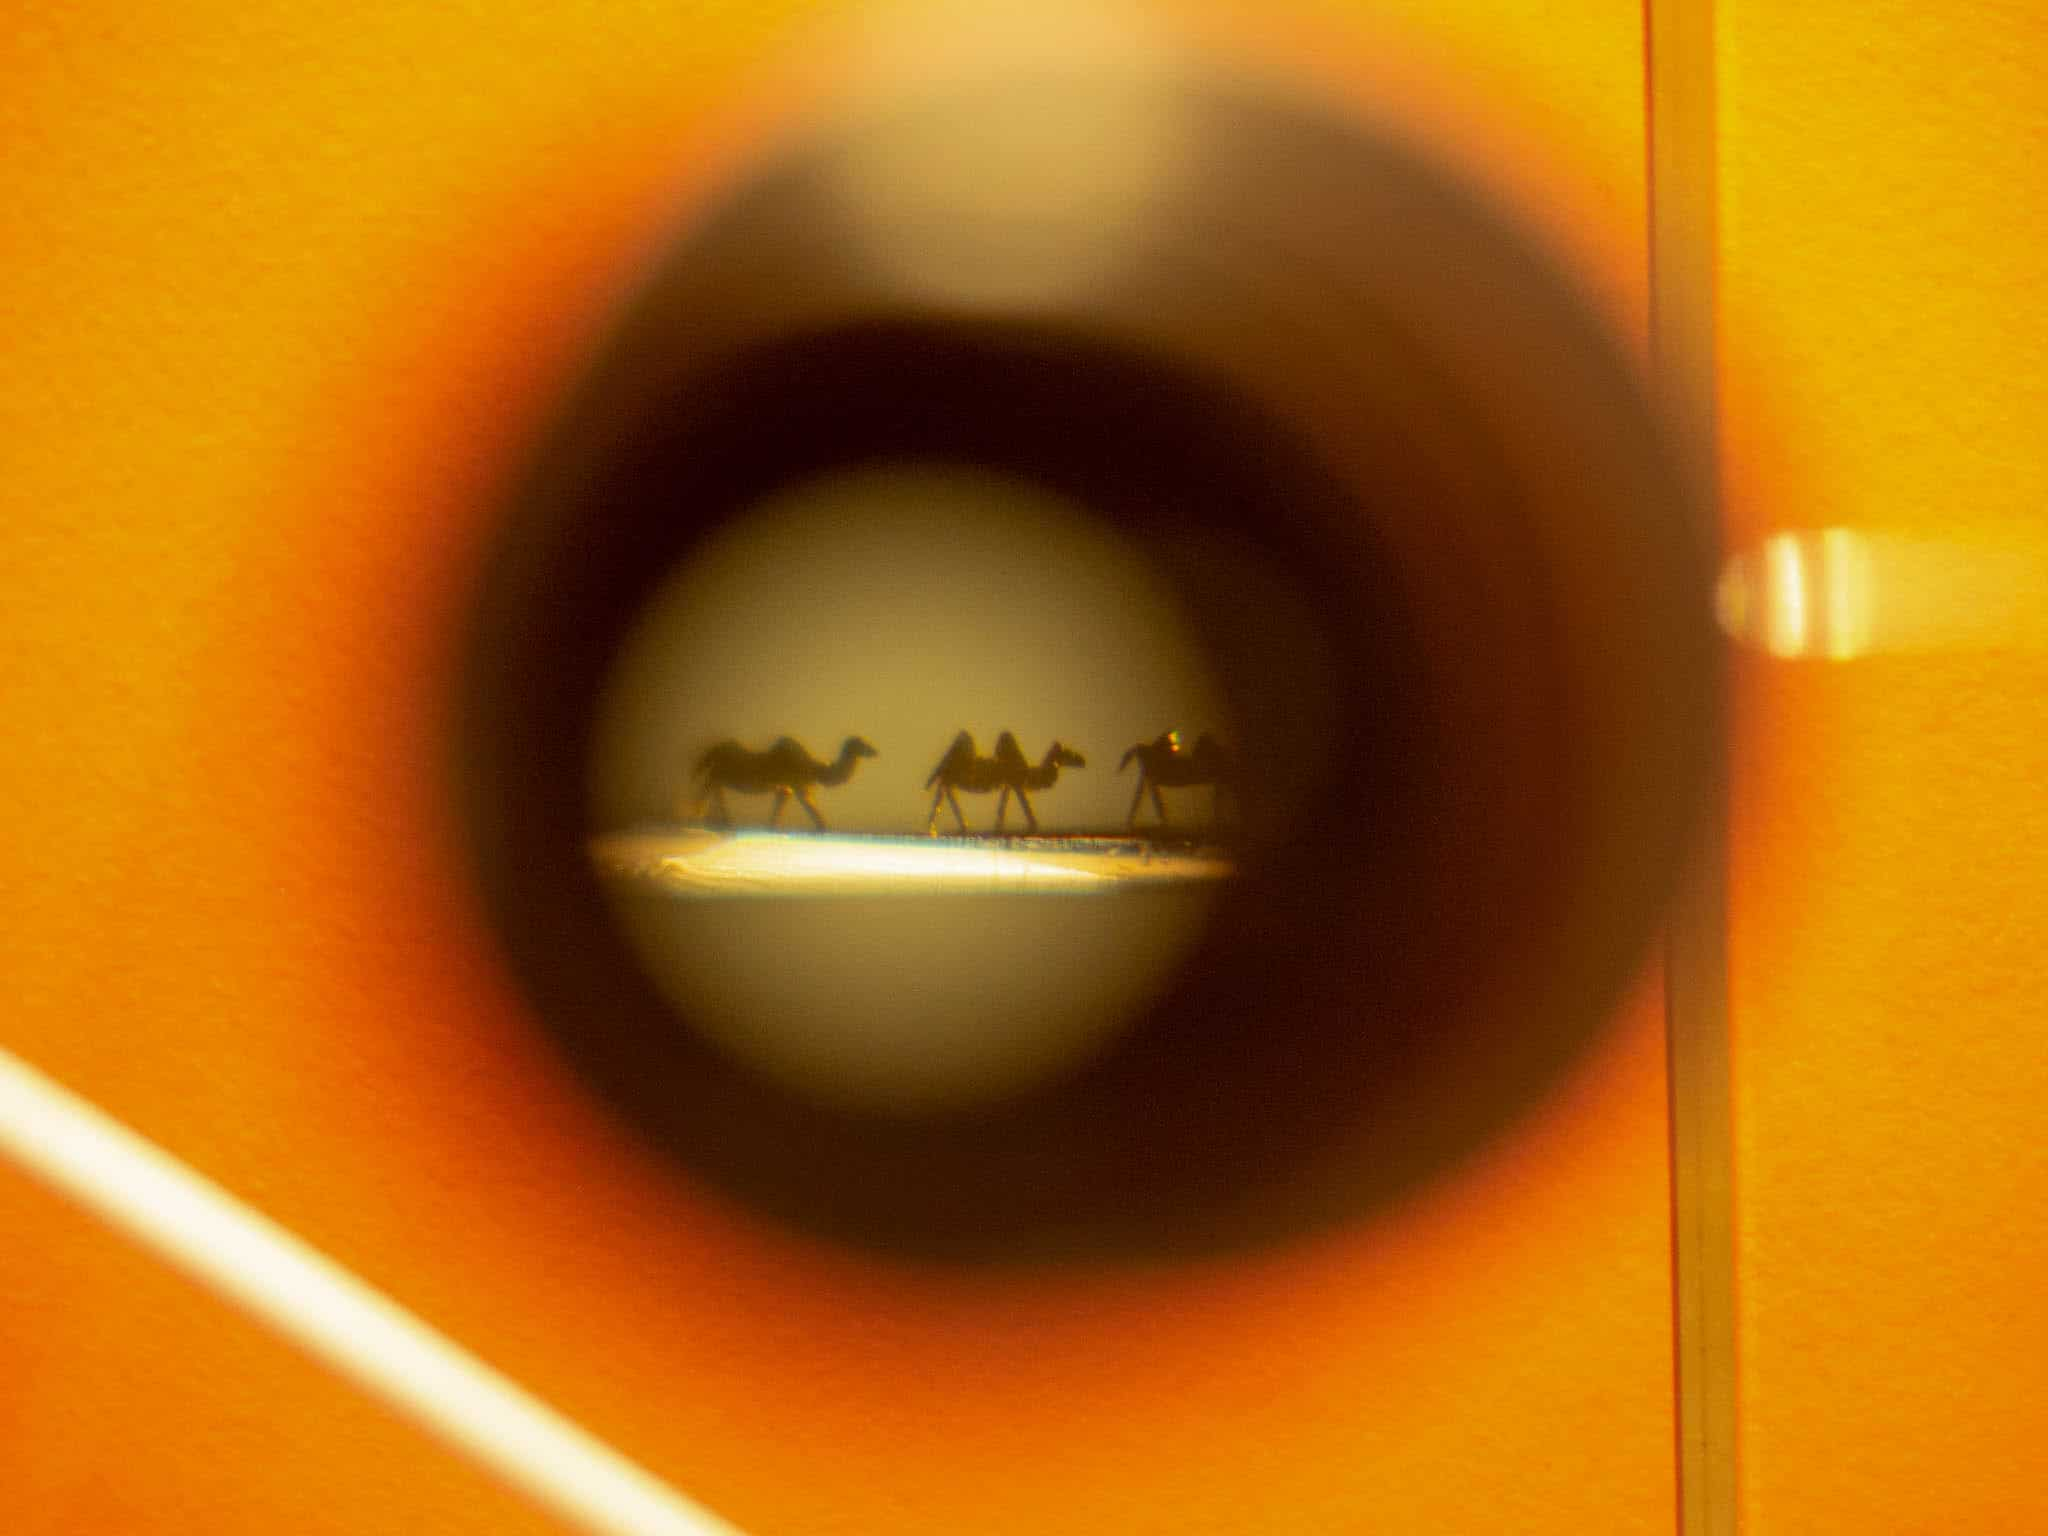 Miniaturkunst im Miniaturmuseum Andorra, Abbildung Kamele, aufgenommen durch eine Lupe. Die Kamele passen im Nadelöhr